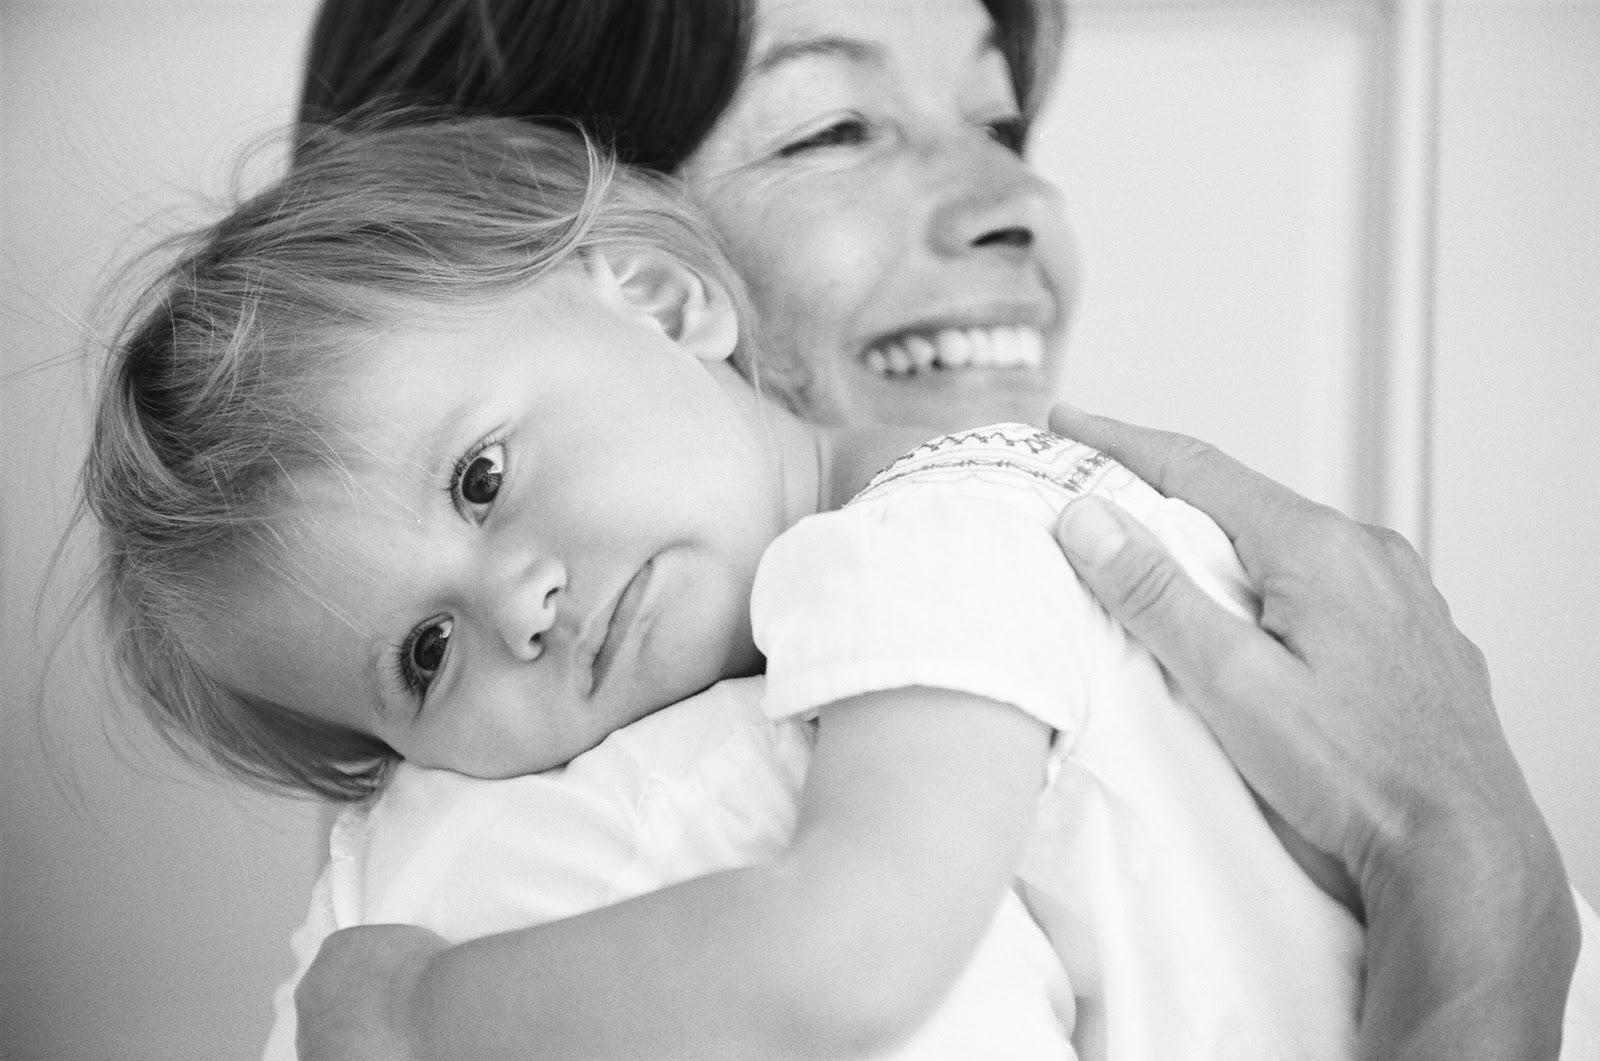 sylvie-gil-film-photography-portrait-family-girl-little-black-white-mom